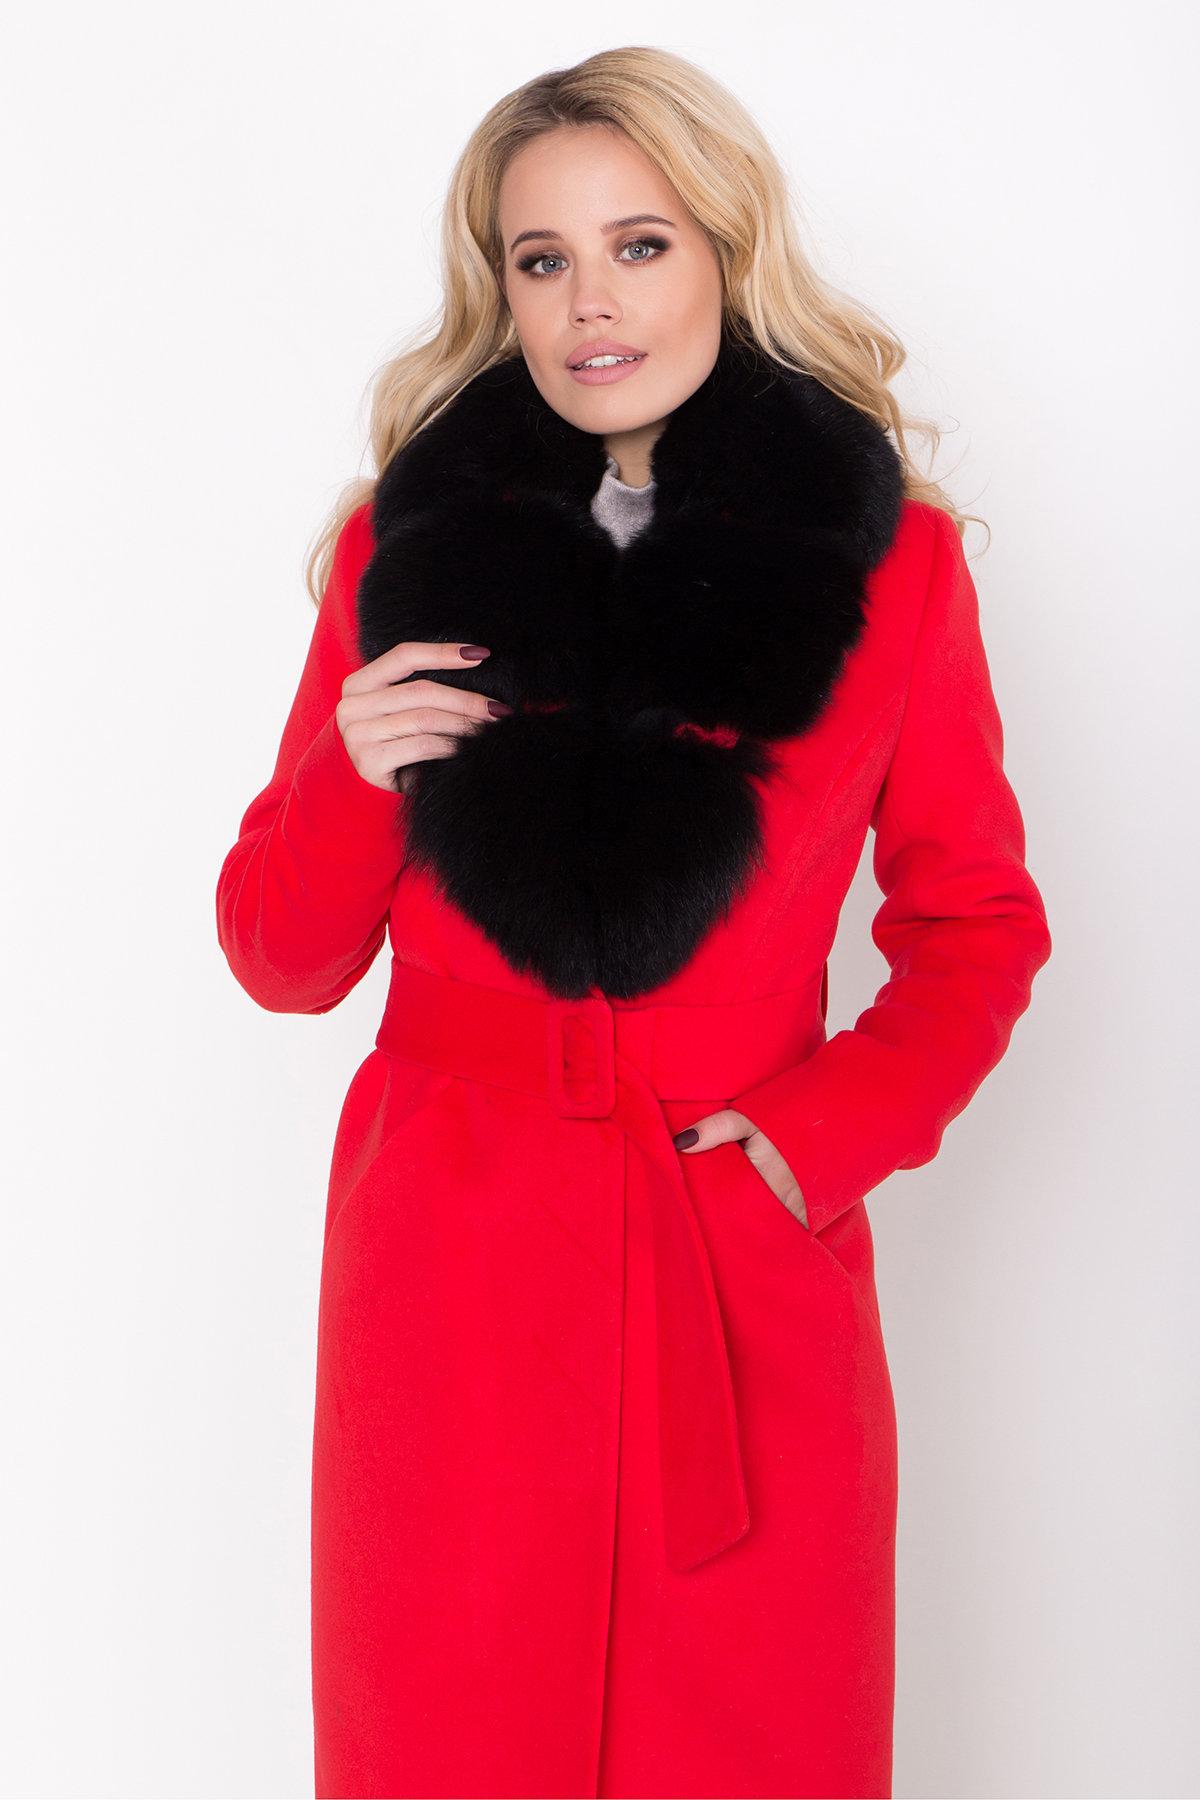 Зимнее пальто с меховым воротником Кареро 8439 АРТ. 44695 Цвет: Красный - фото 5, интернет магазин tm-modus.ru